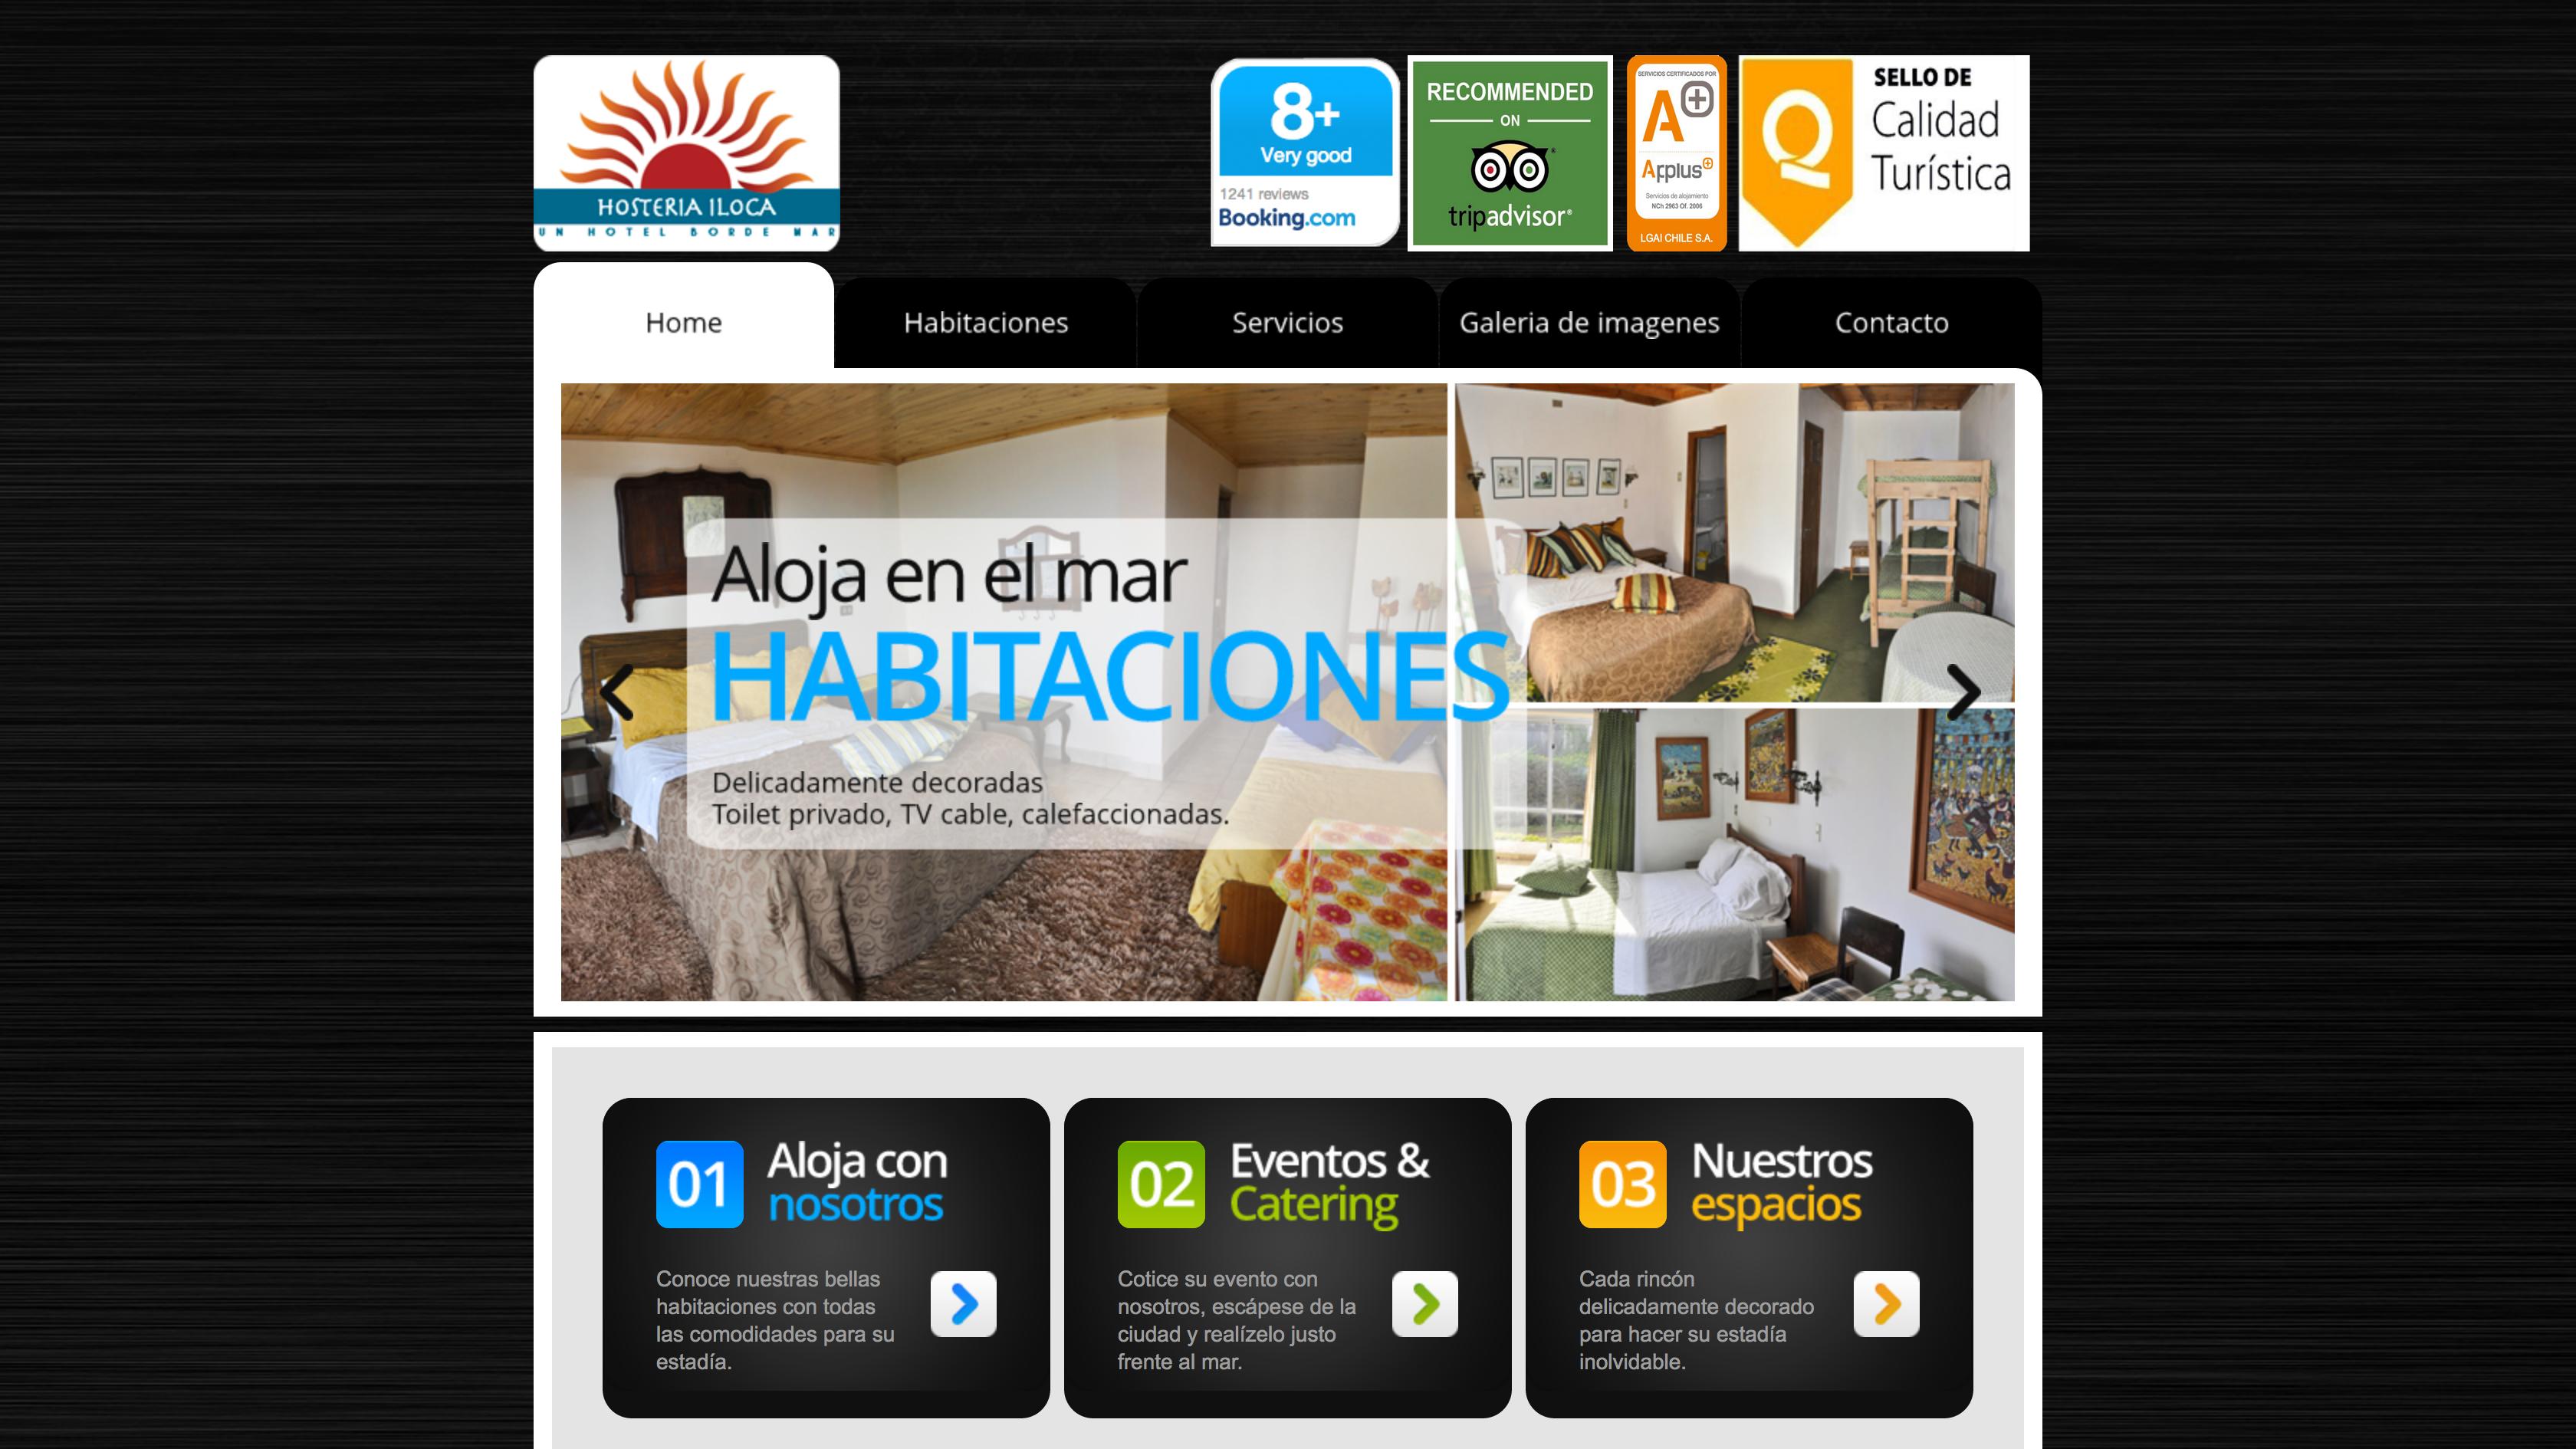 www.hosteriailoca.cl